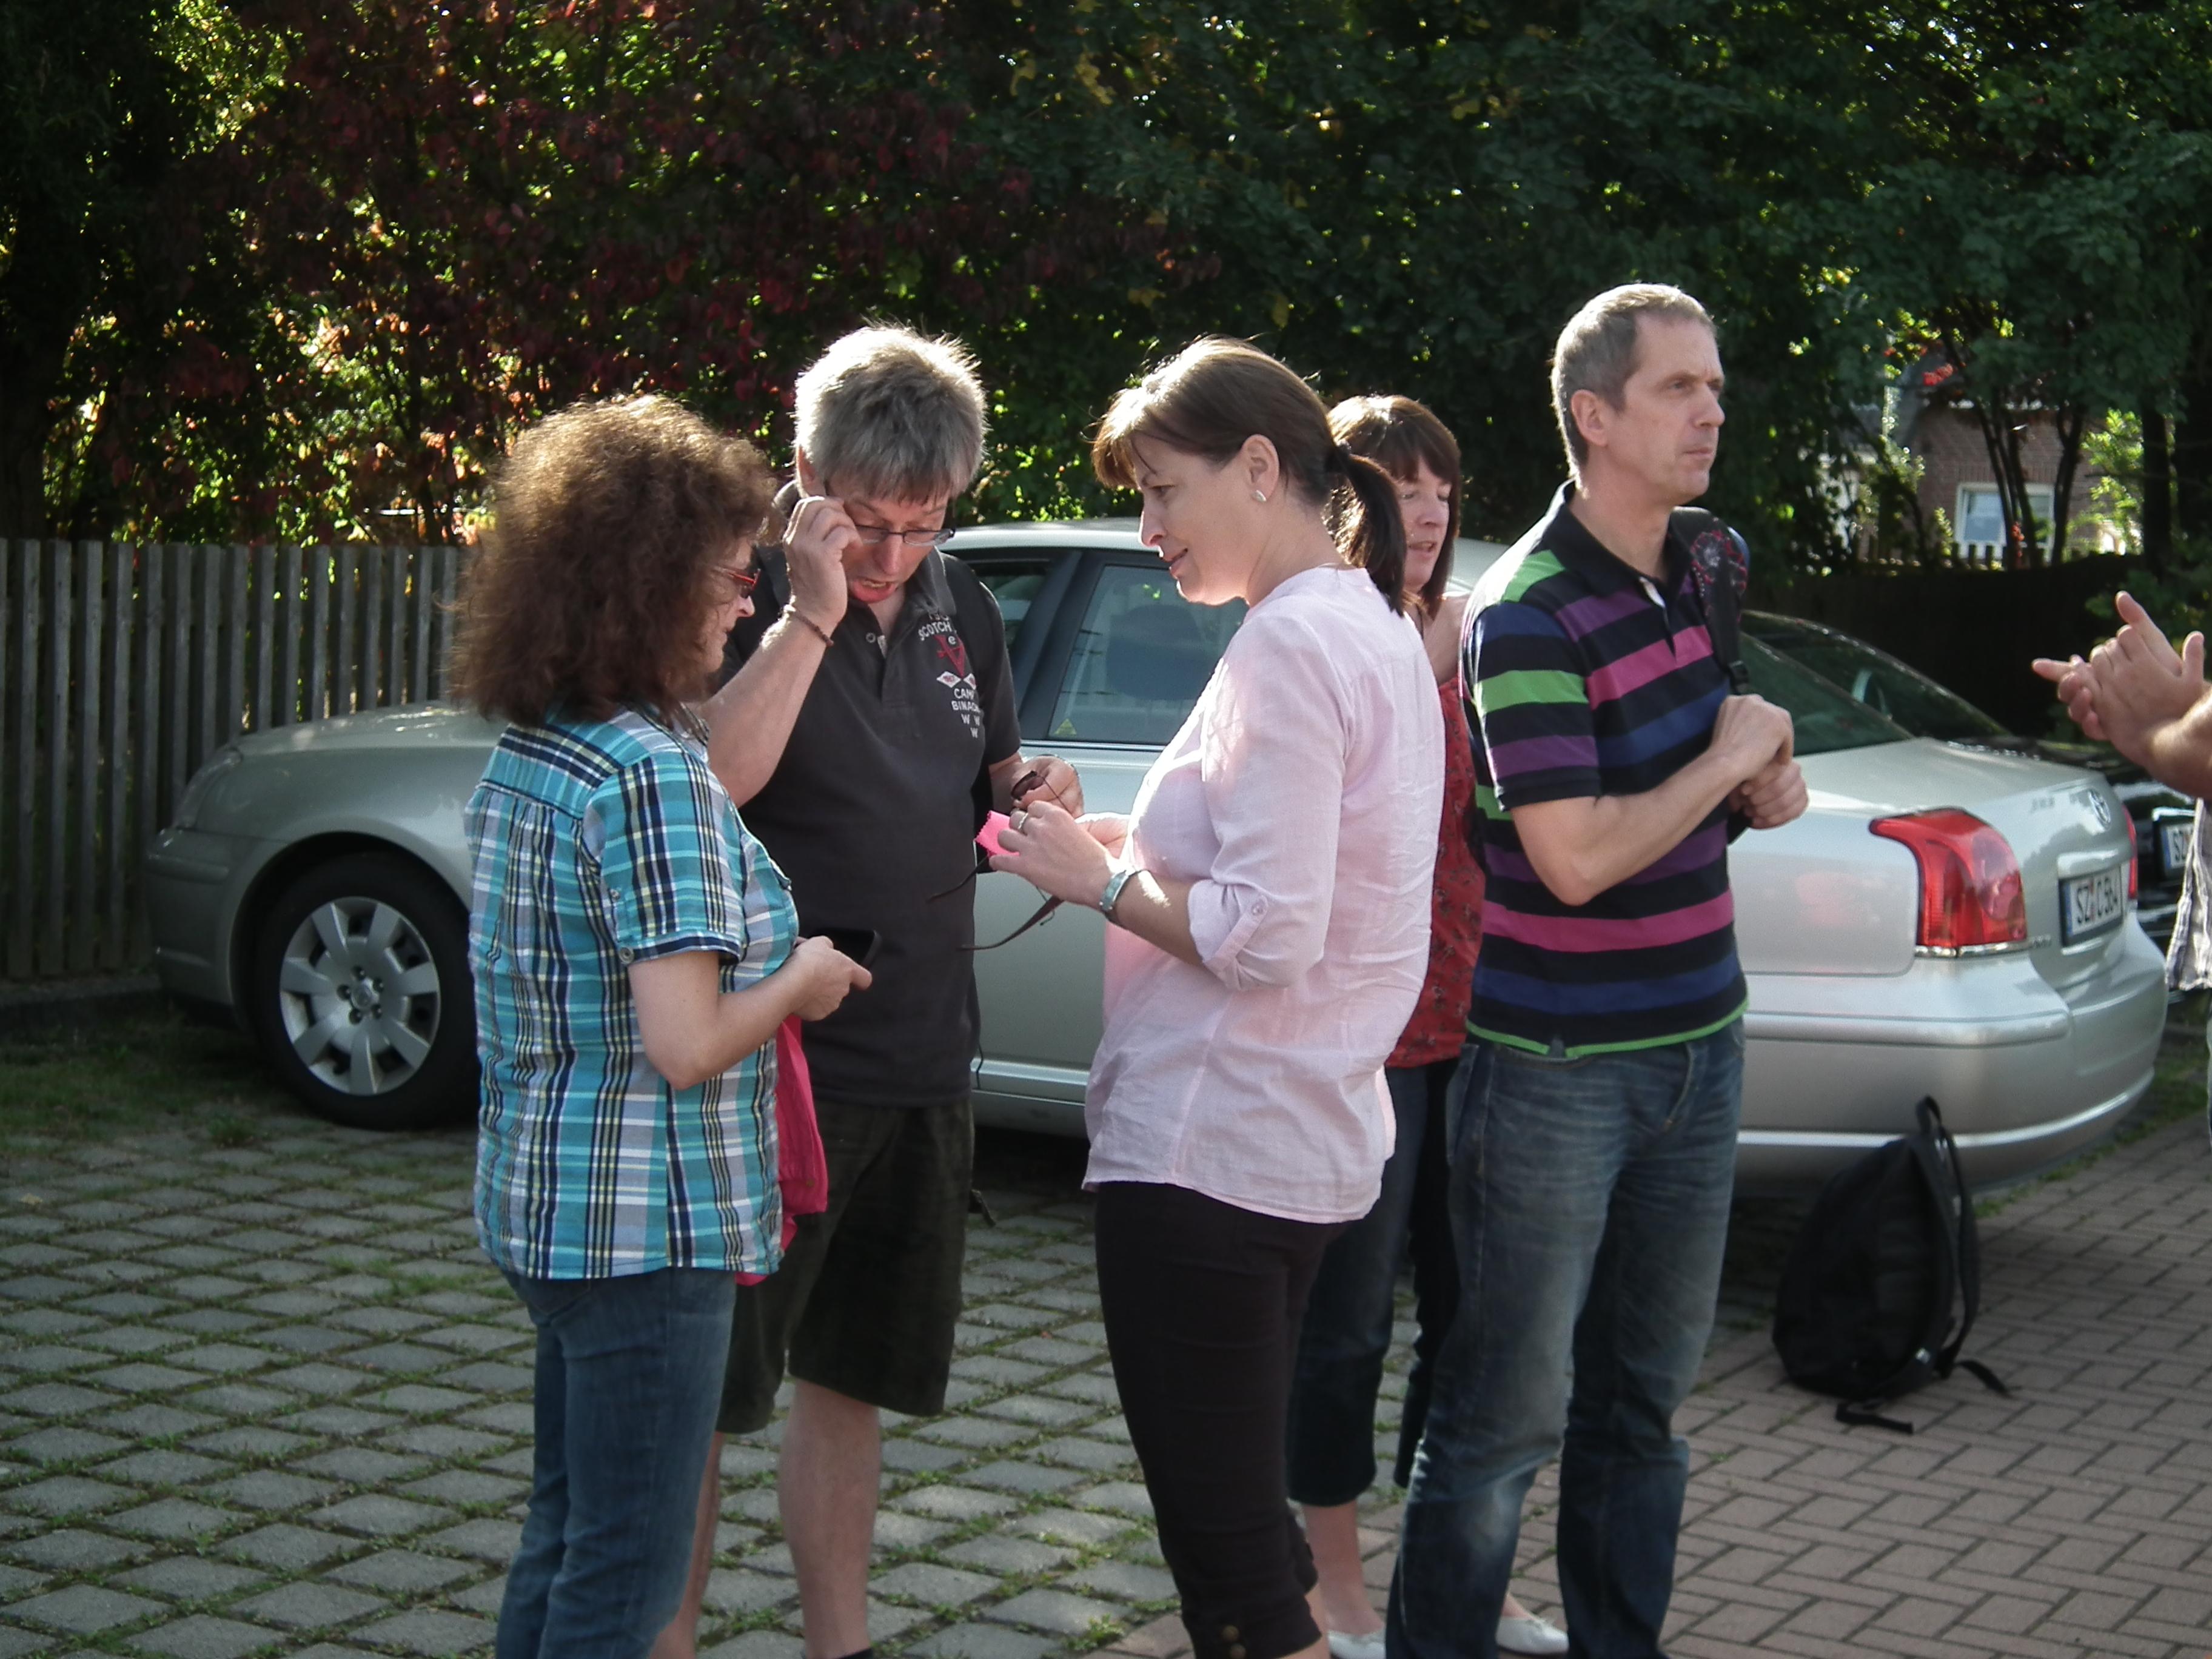 http://www.tsc-blausilber.de/media/bilder_intern/2012_Blau_Silber_Bosseln/DSCF3572.JPG